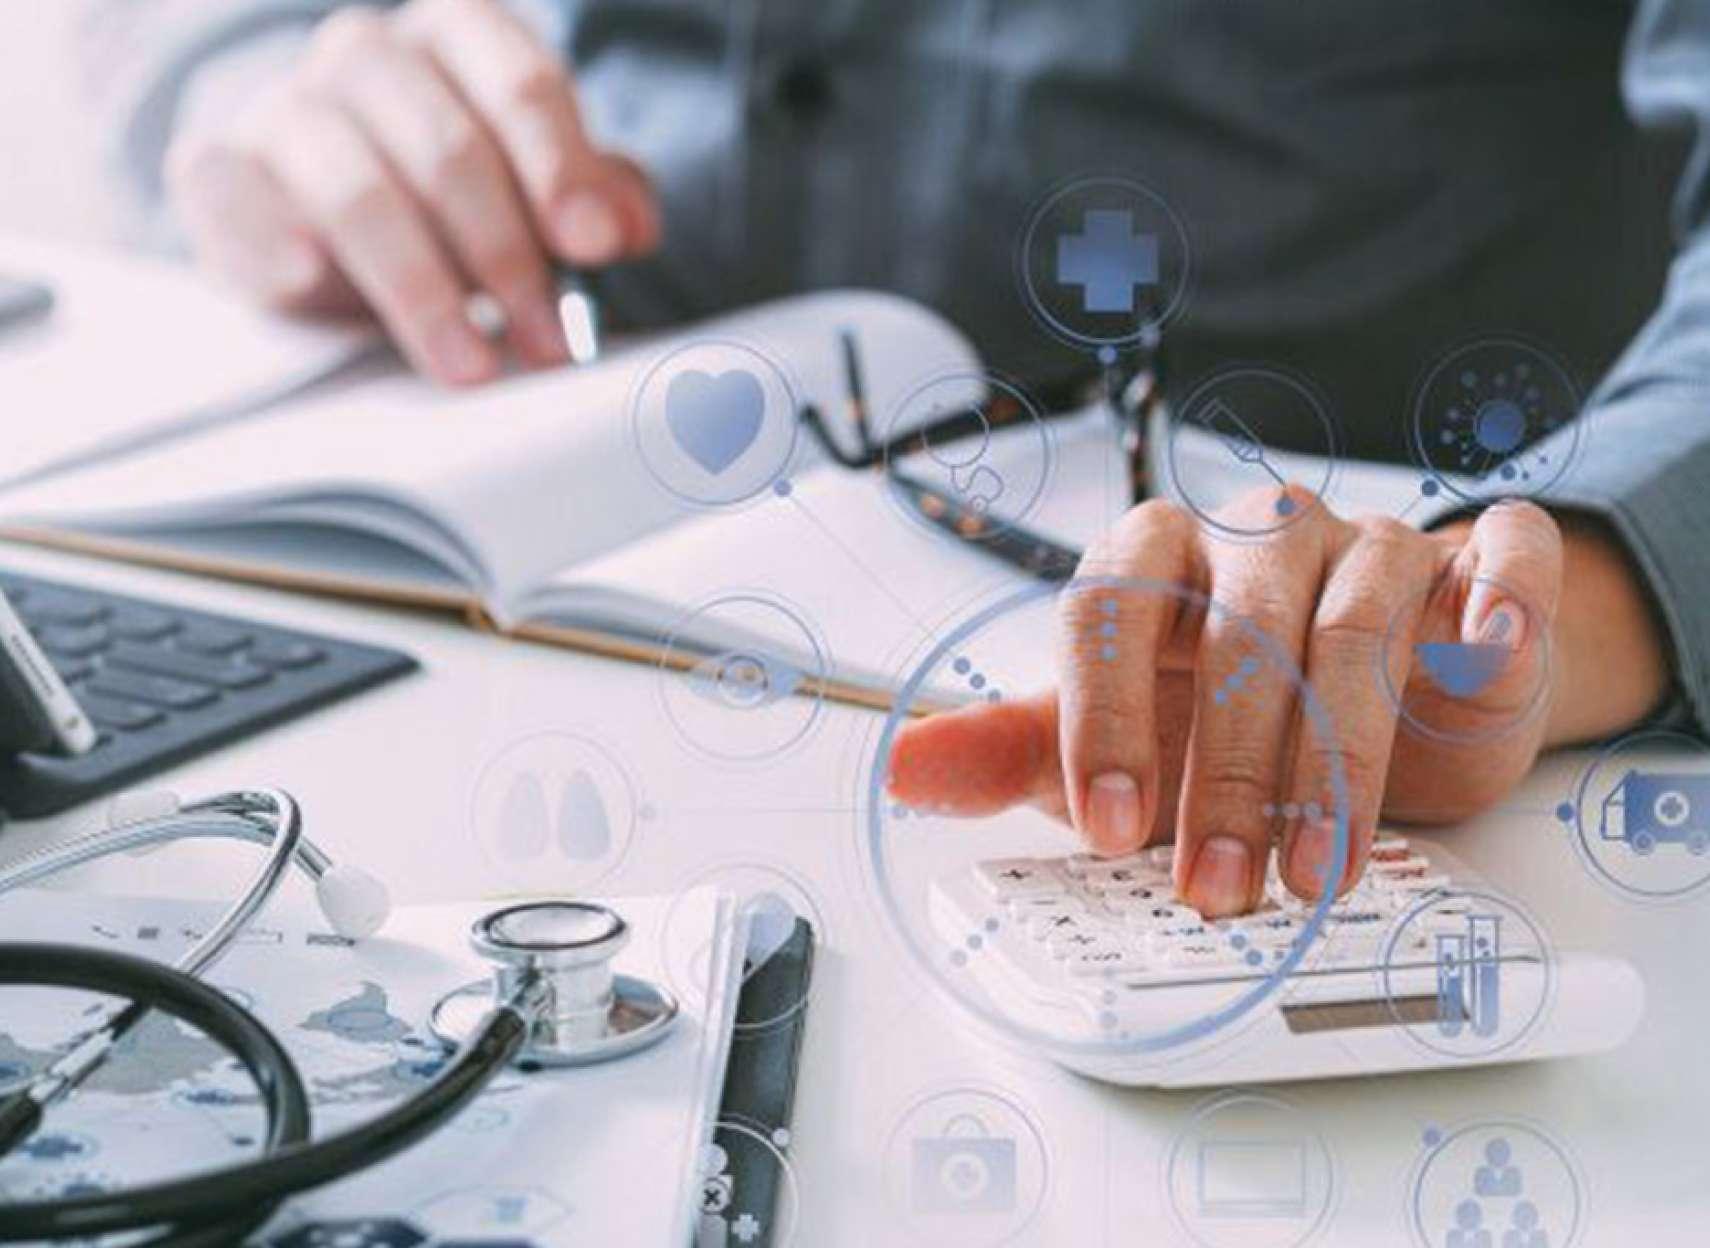 اخبار-تورنتو-پزشکان-برای-دیدن-بیماران-در-تورنتو-چقدر-پول-میگیرند